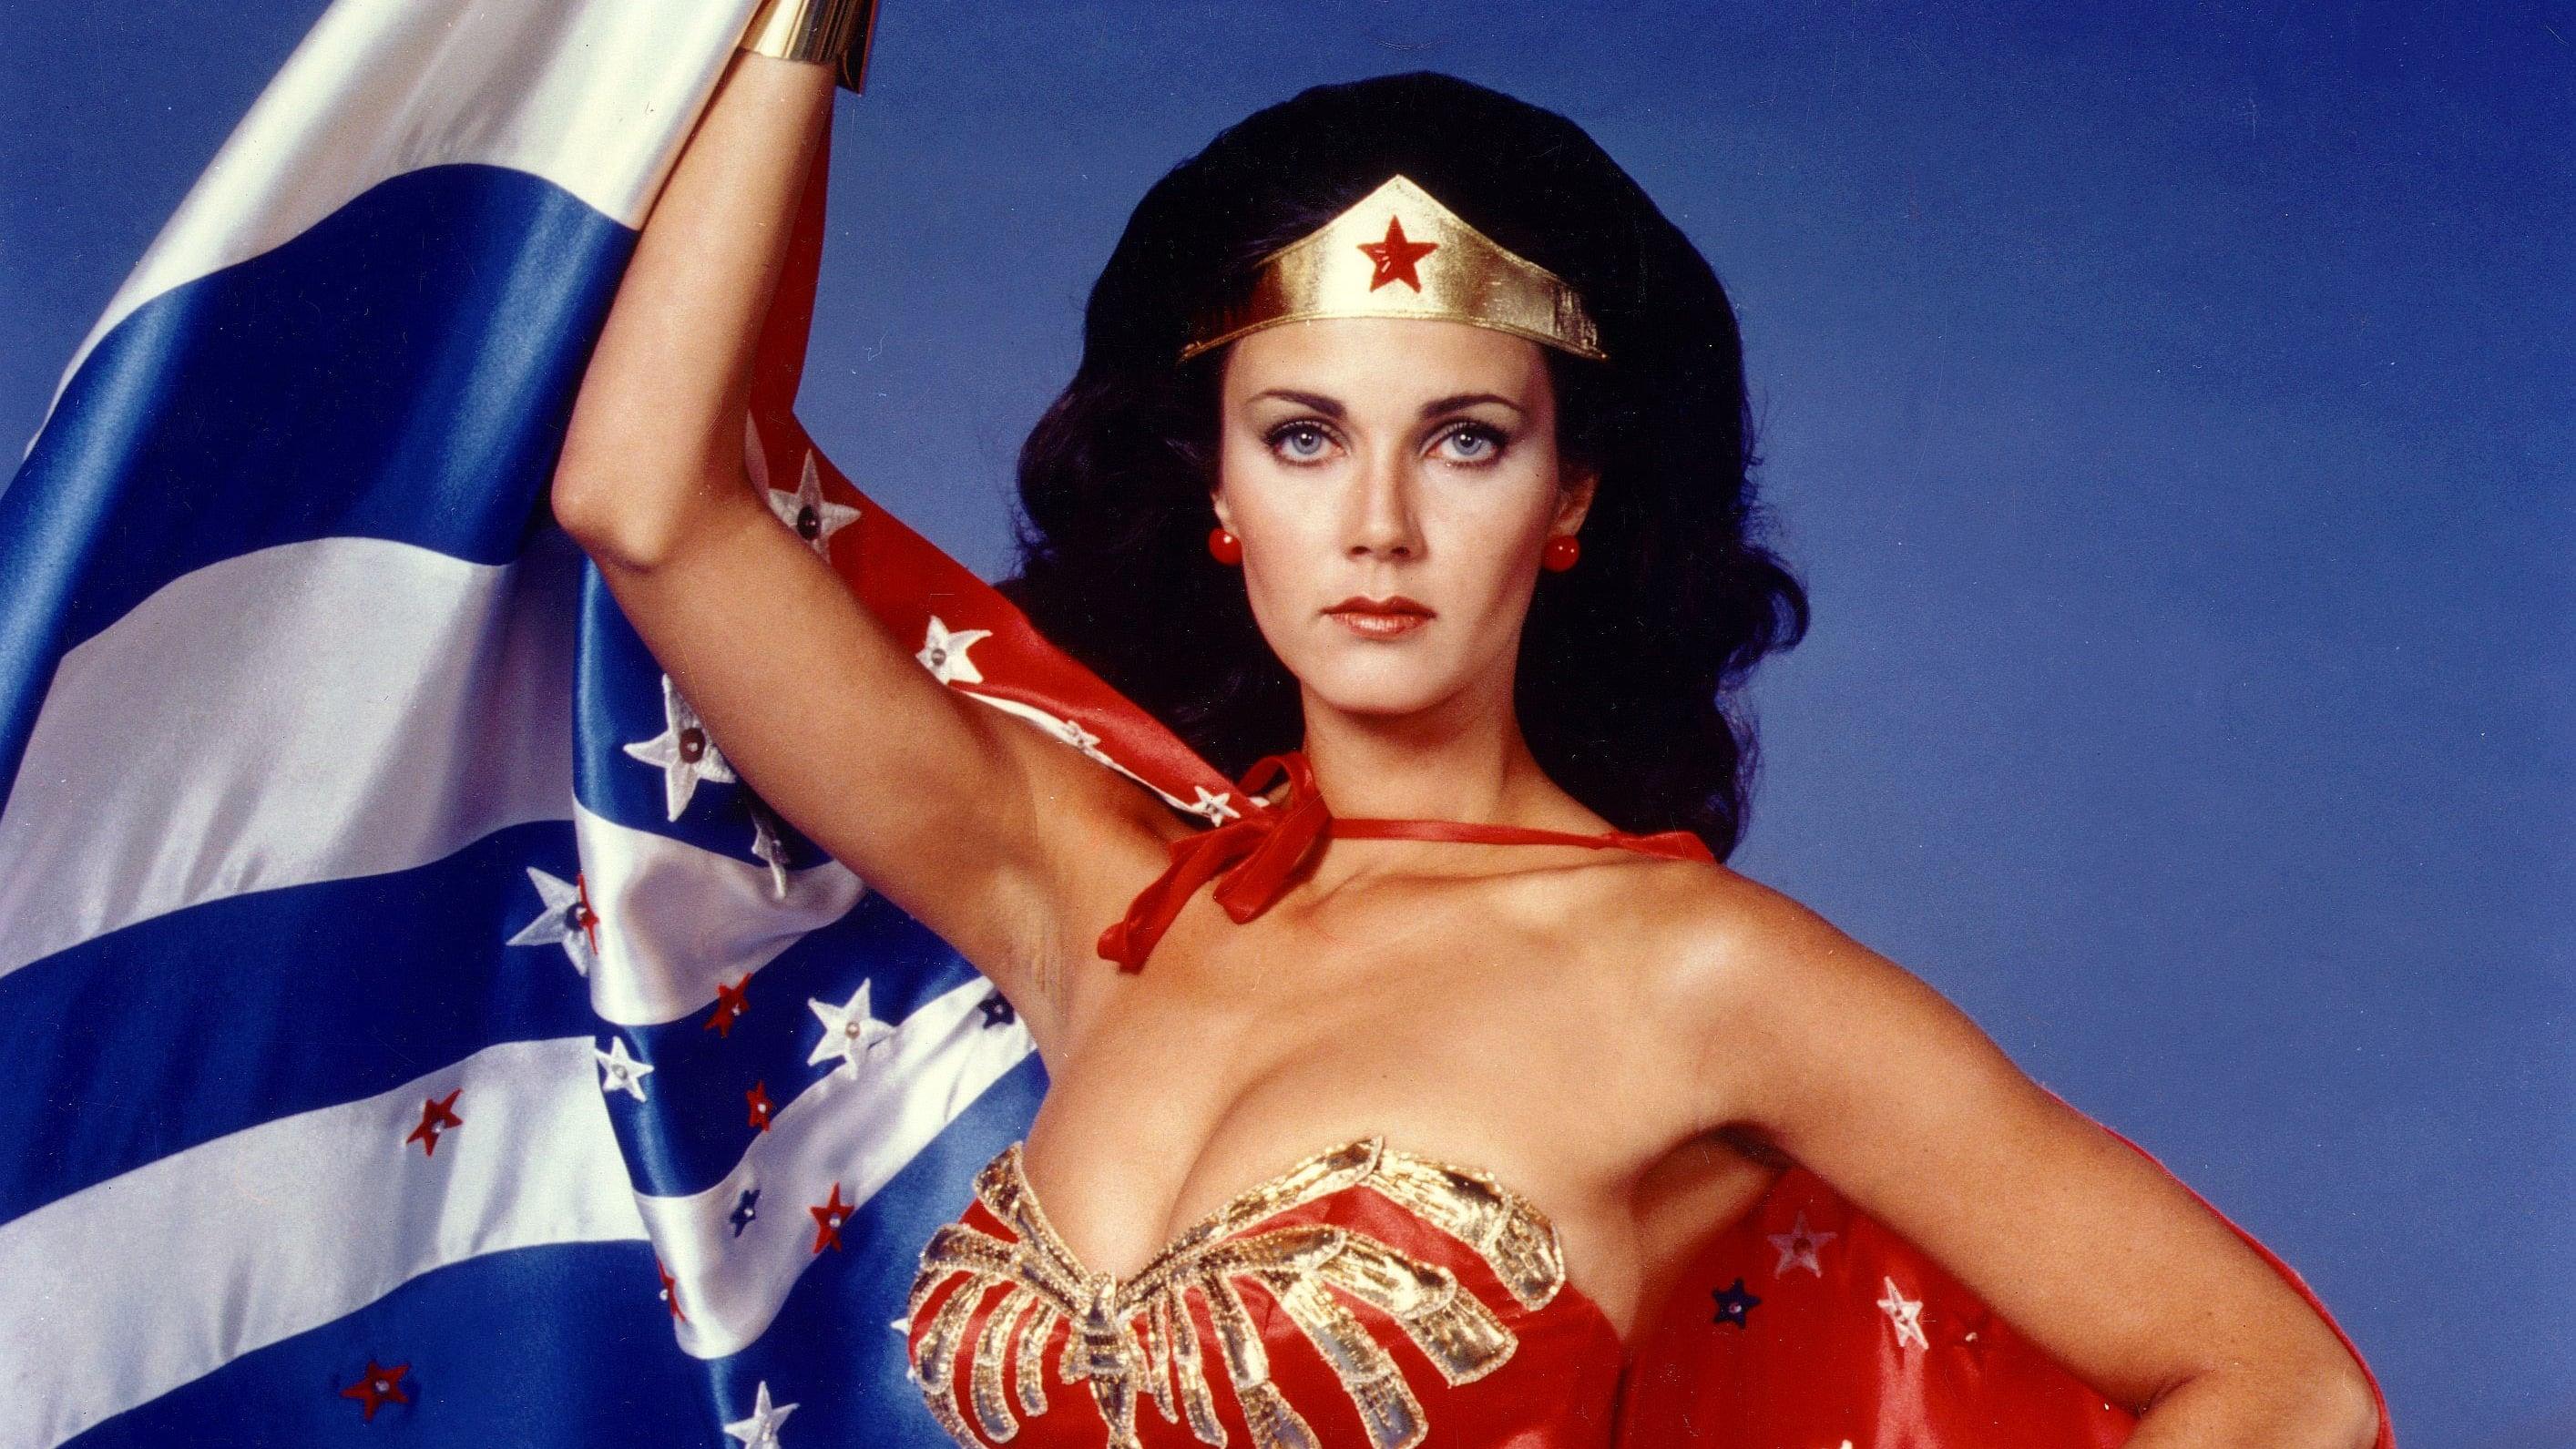 Wonder Woman - Season 1